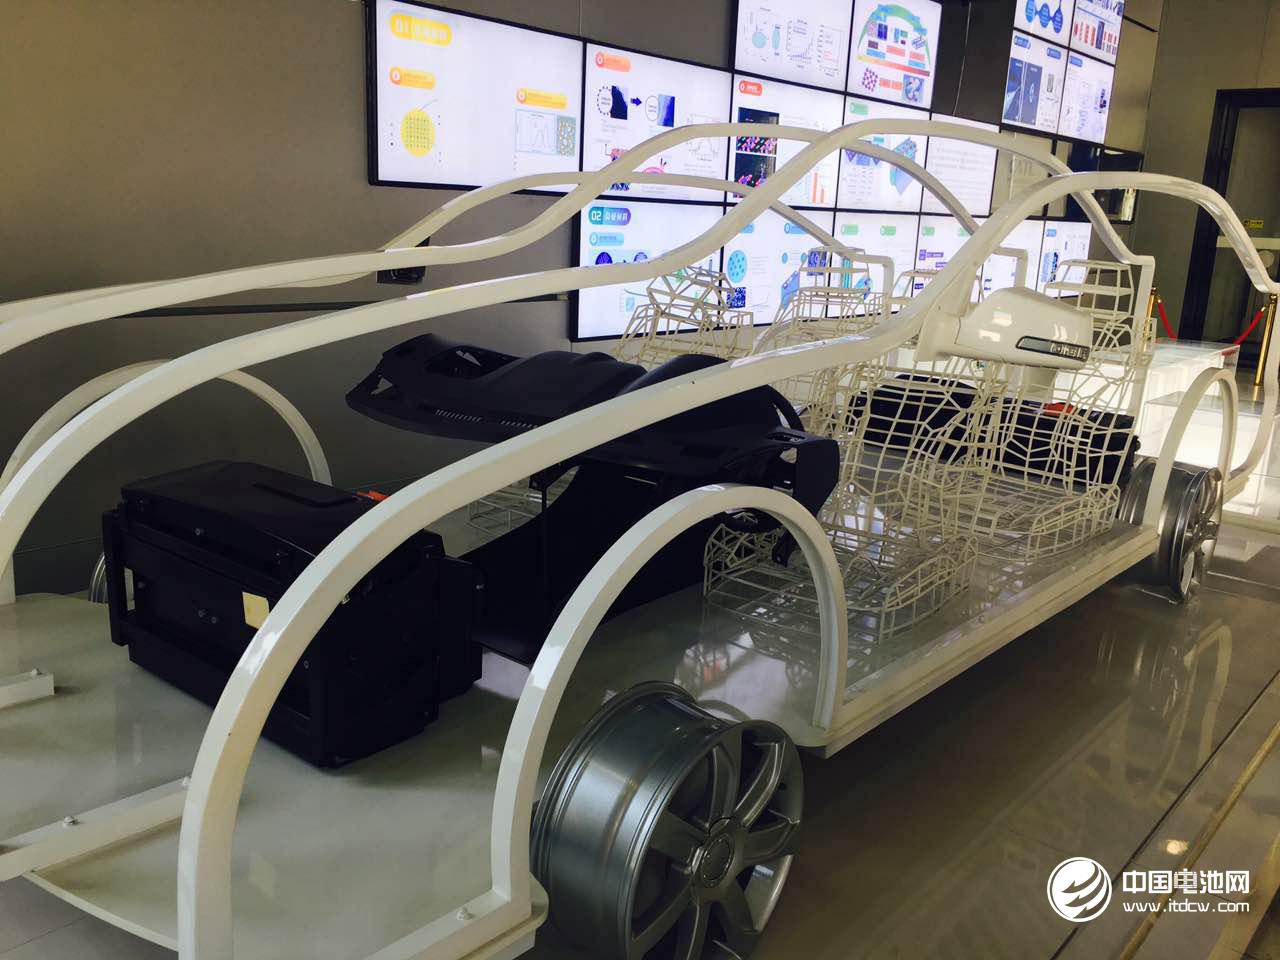 近年来动力电池在新能源汽车上的应用表现及未来发展趋势